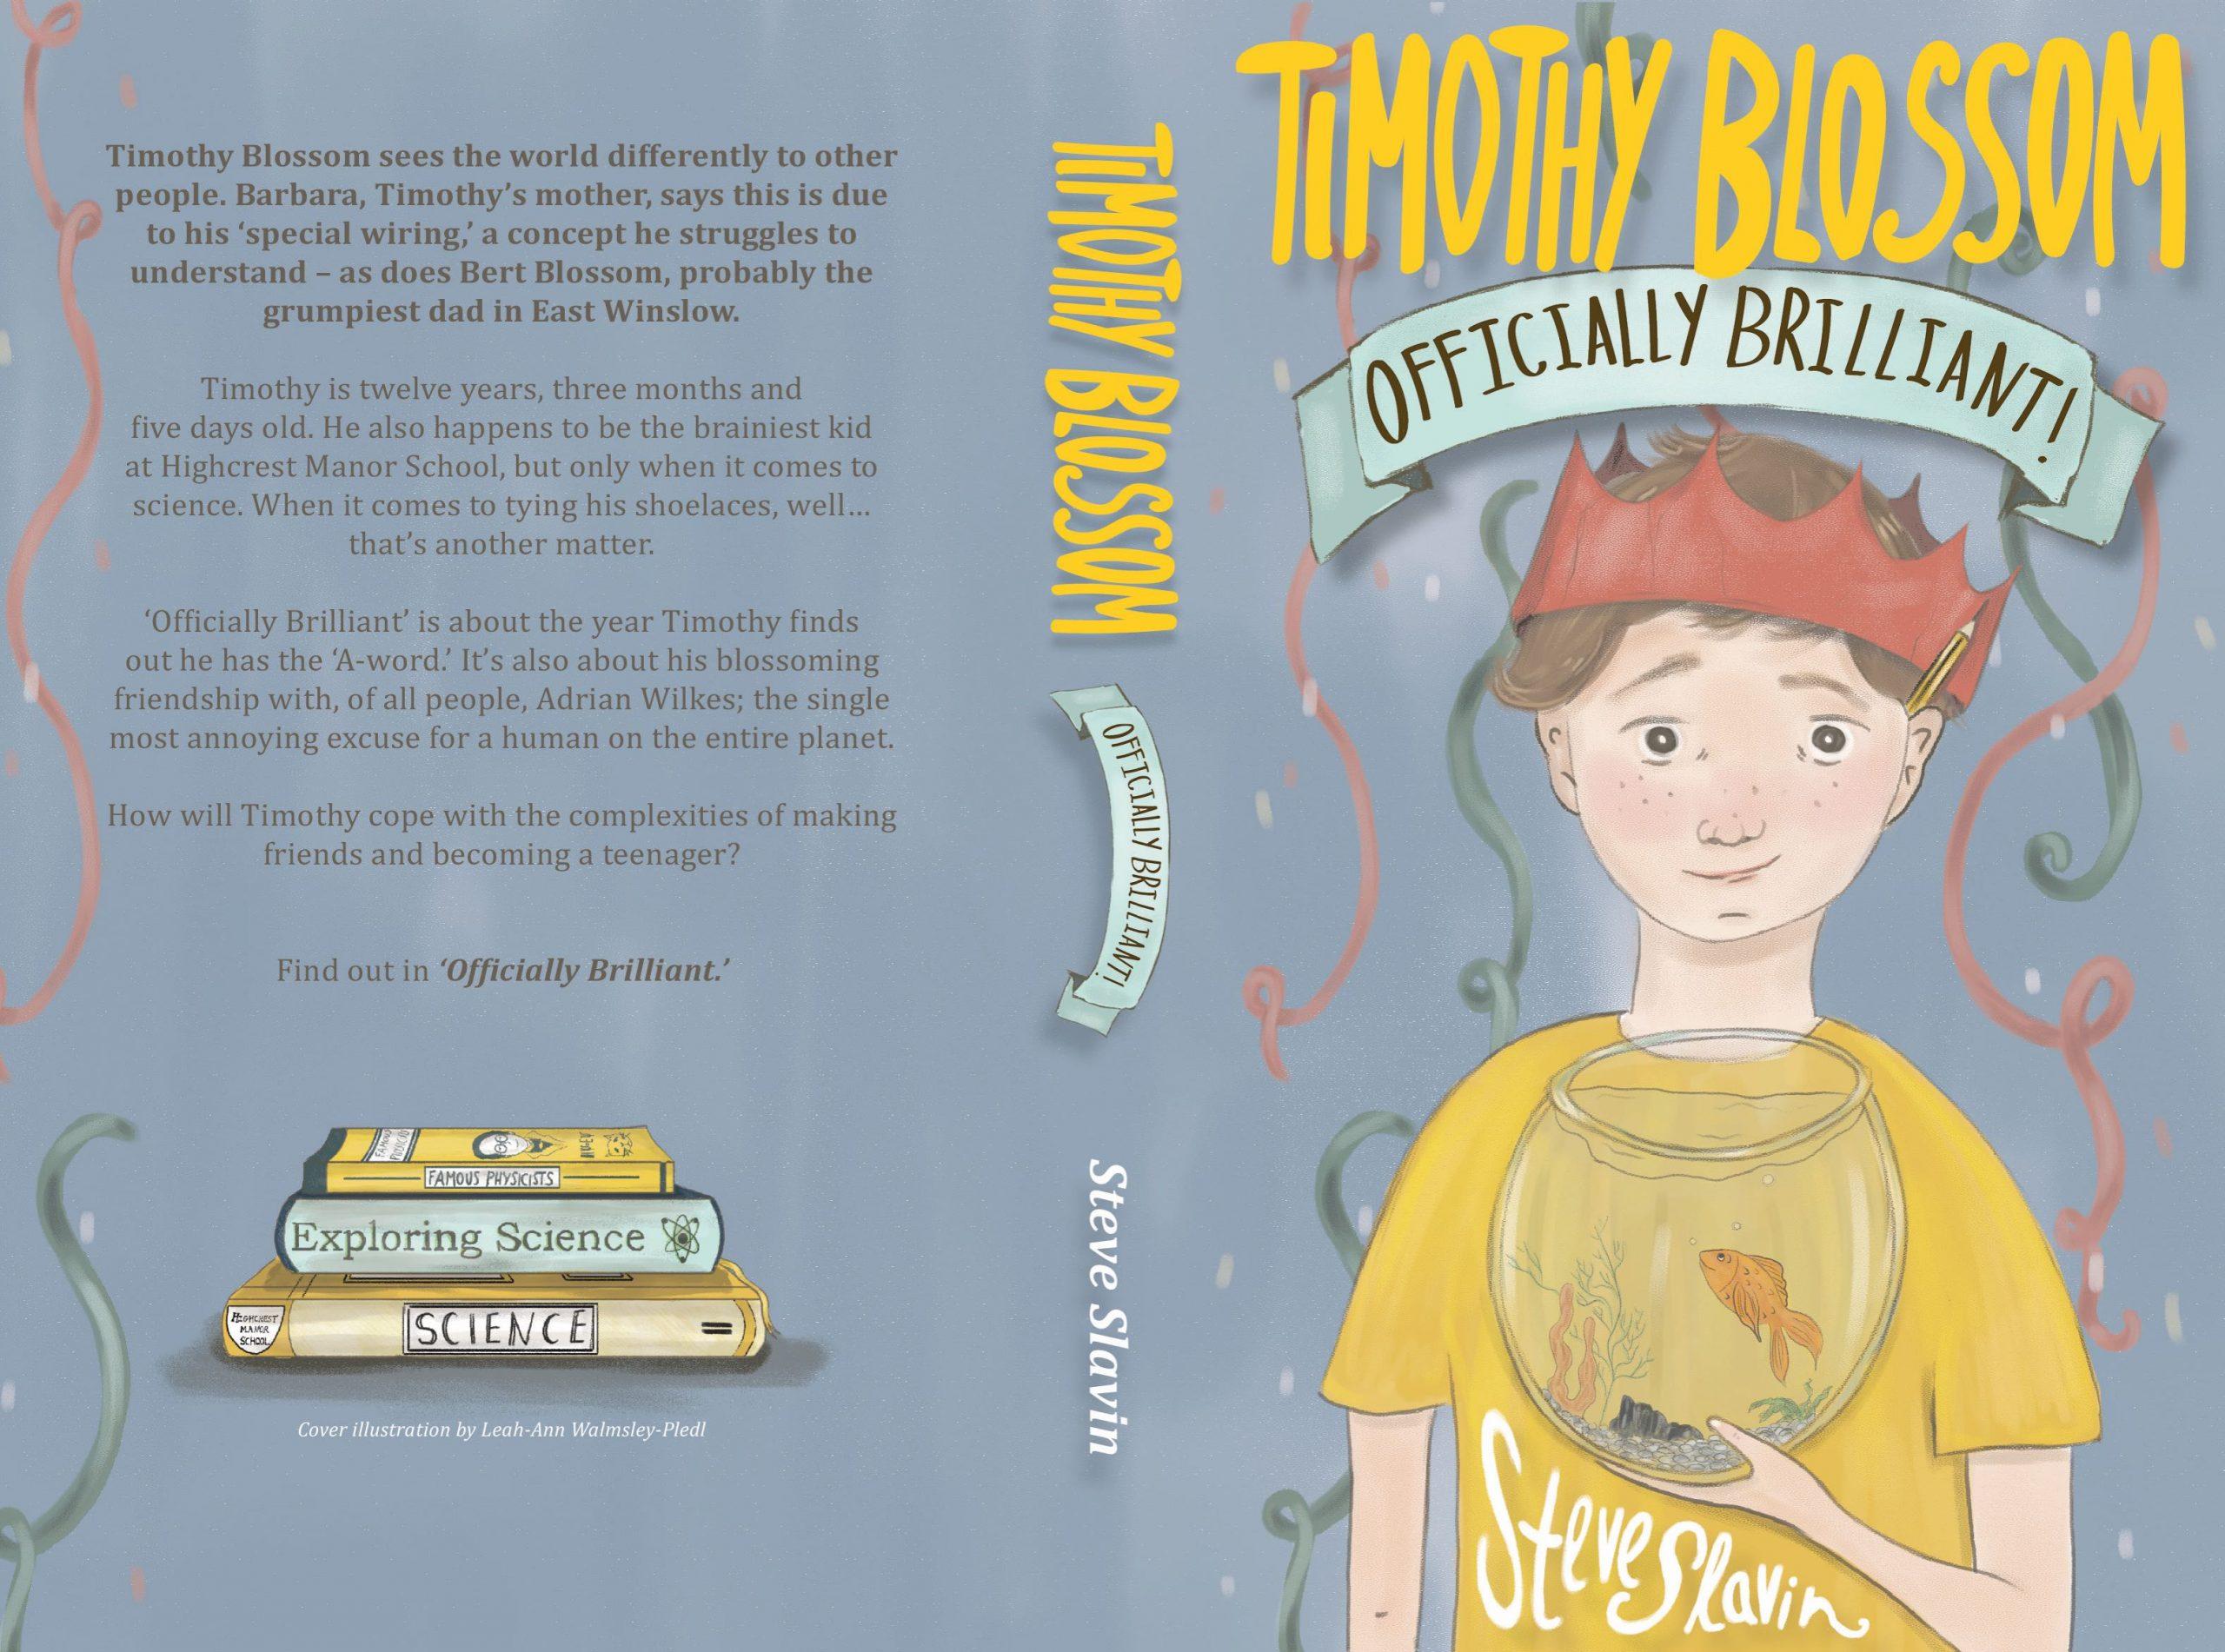 TIMOTHY BLOSSOM